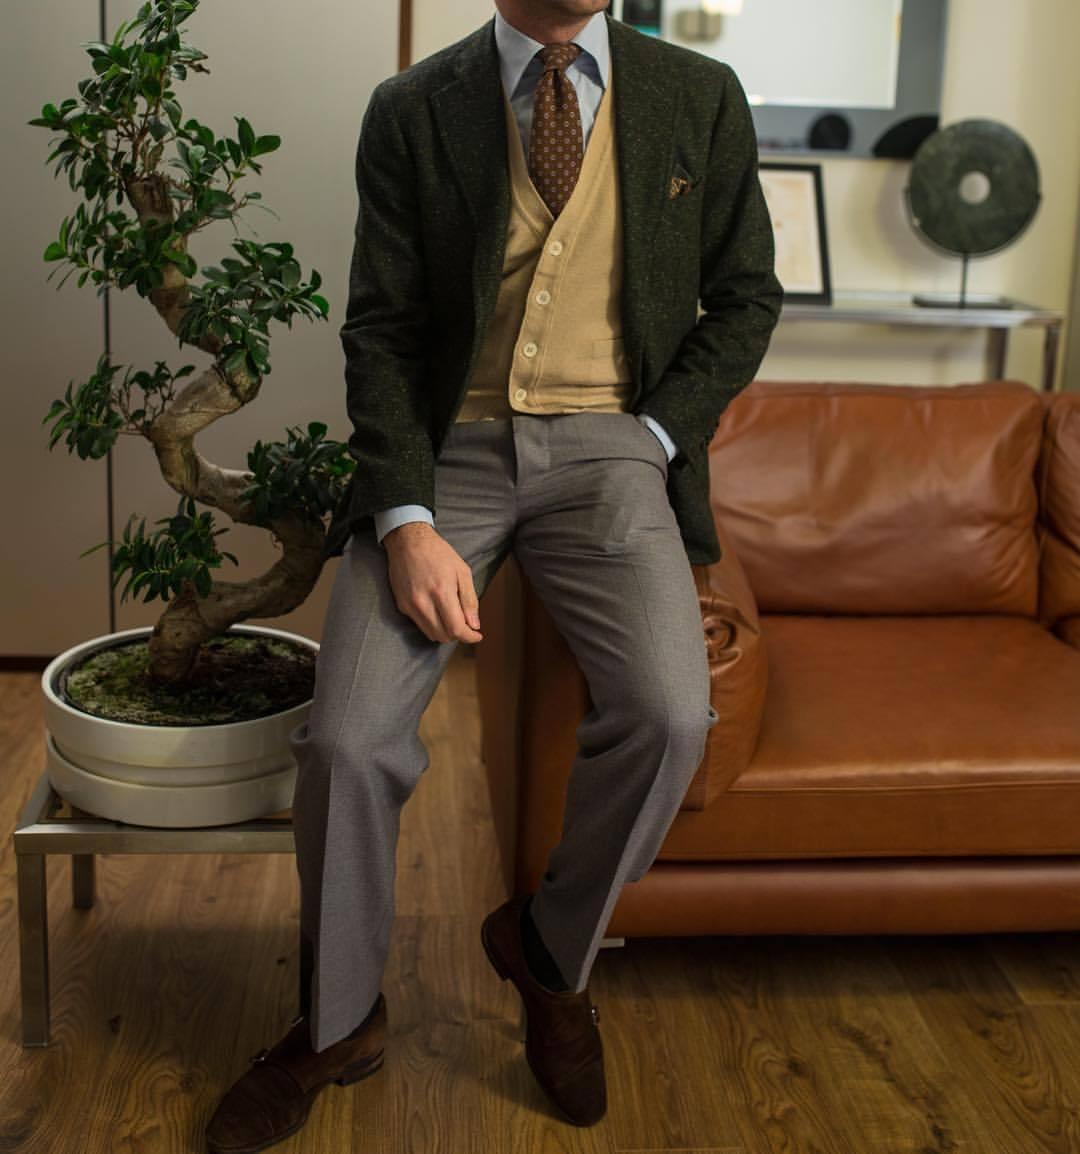 Je trouve que le cardigan en maille fine rend très bien avec une cravate mais a ce revers de rendre très mal sans, ce qui le rend surtout intéressant pour les tenues classiques « pures » dans le style de cette photo.